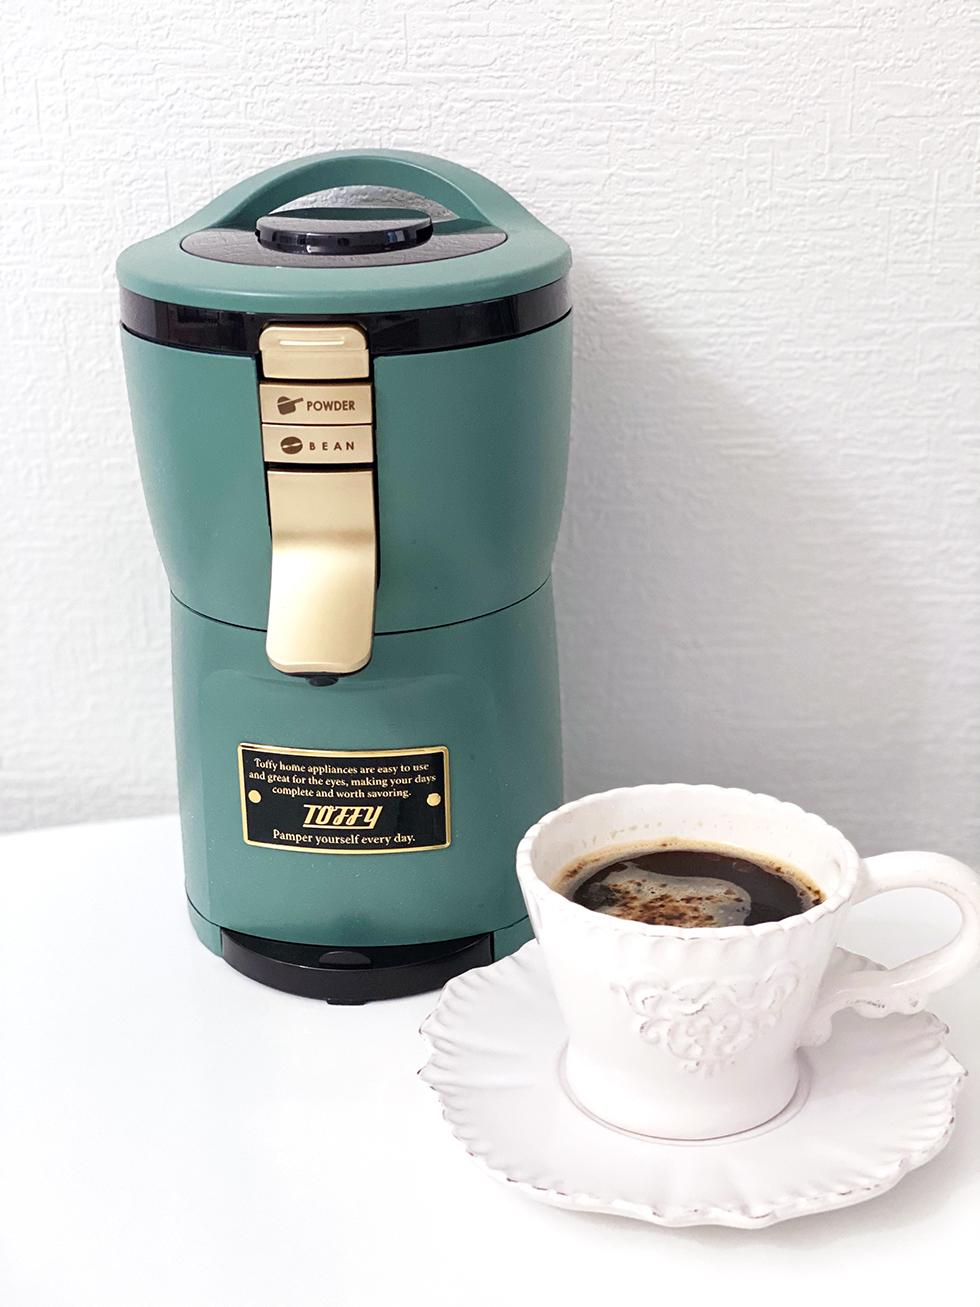 Toffy 全自動ミル付アロマコーヒーメーカー メリット